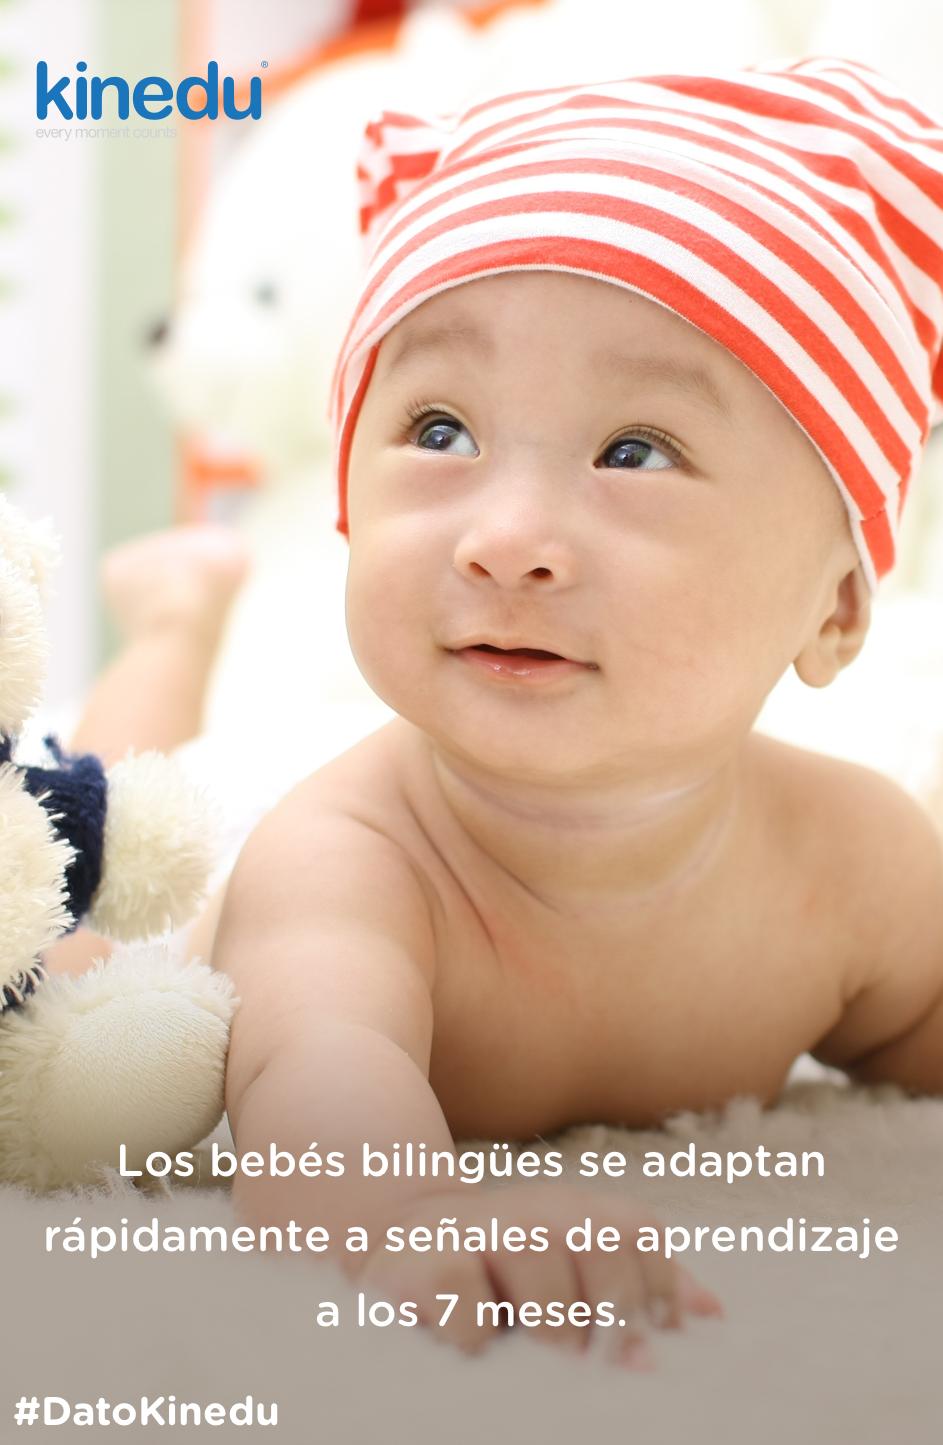 Los bebés bilingües se adaptan rápidamente a señales de aprendizaje a los 7 meses. ¿Por qué vale la pena que tu niño aprenda más de un idioma?